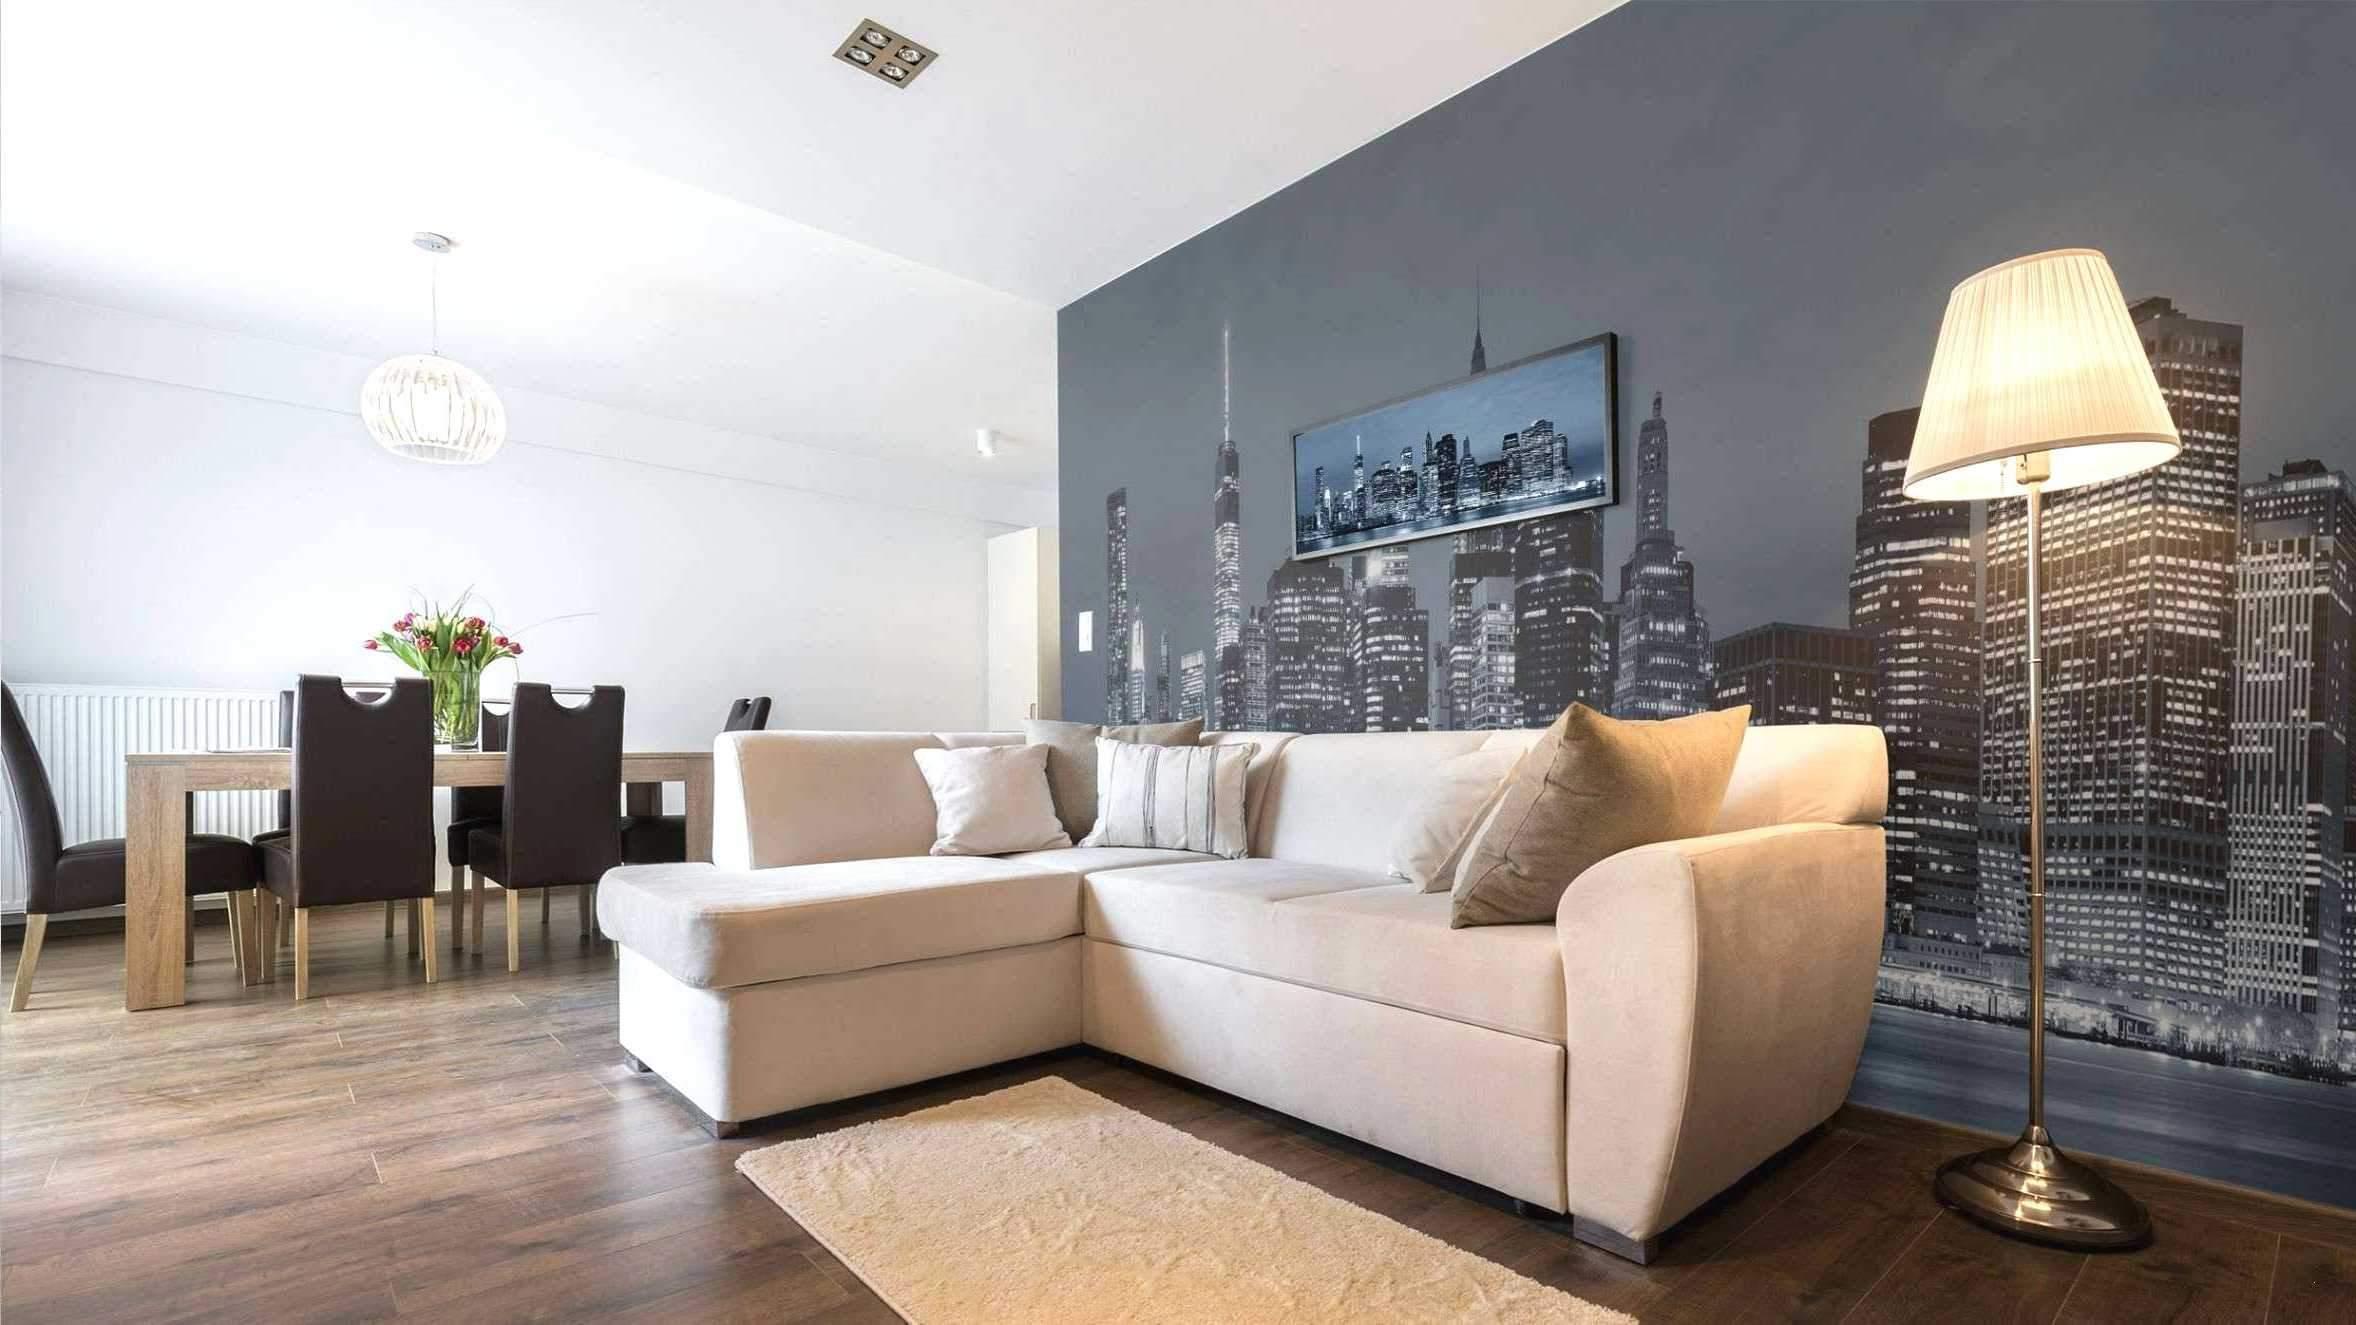 bilder fur wohnzimmer modern genial beautiful welche lampe fur wohnzimmer 2019 of bilder fur wohnzimmer modern